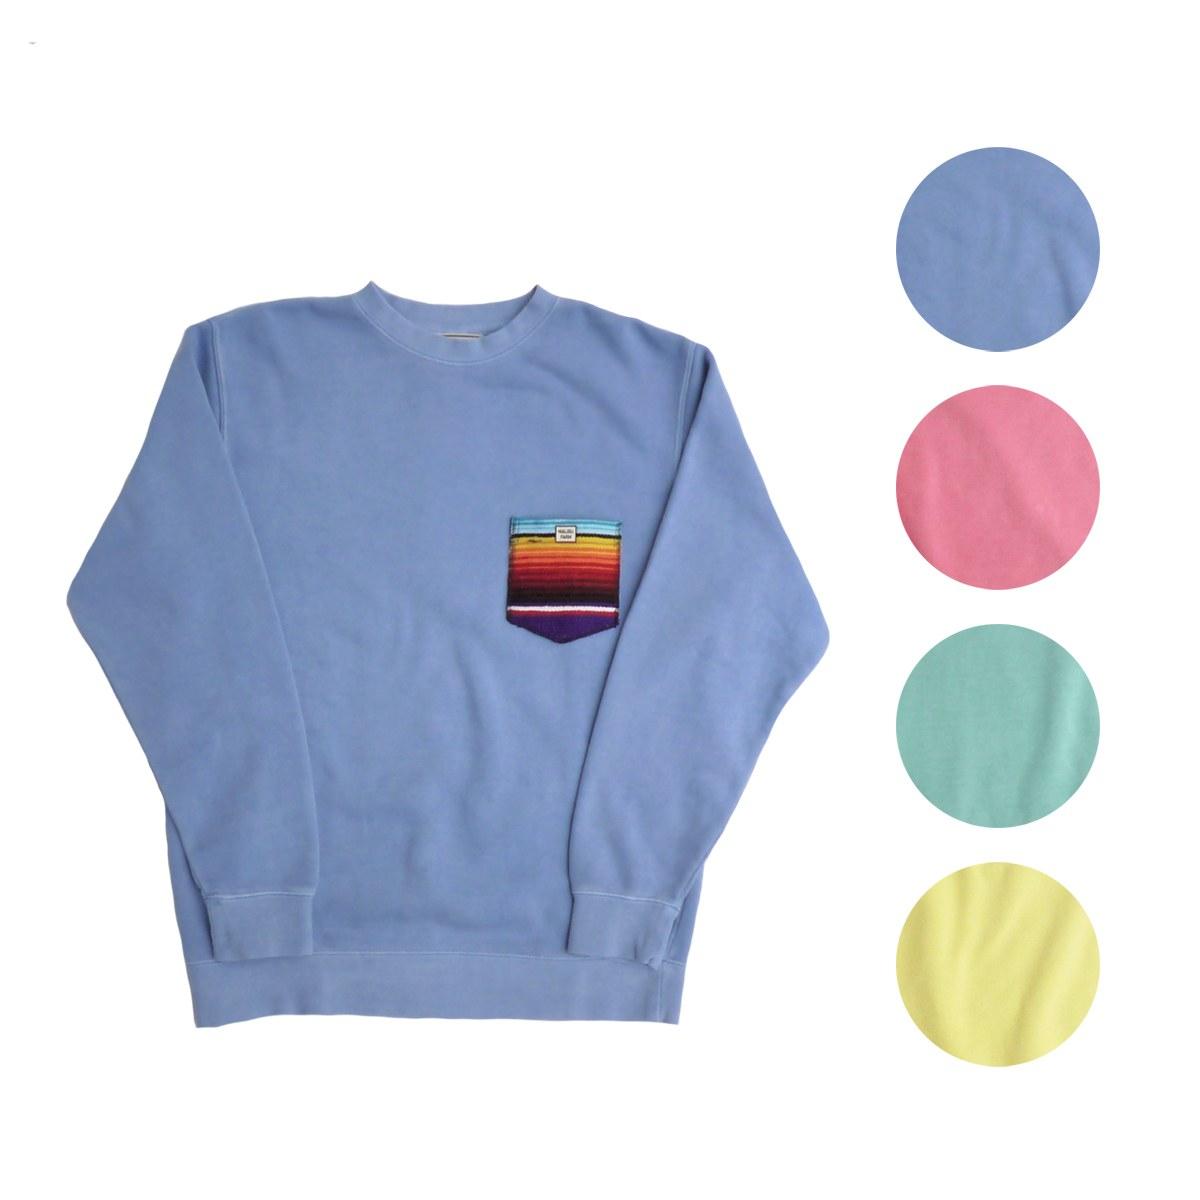 画像1: MALIBU FARM マリブファーム RUG POCKET PIGMENT SWEAT 全4色 メンズ/レディース (1)